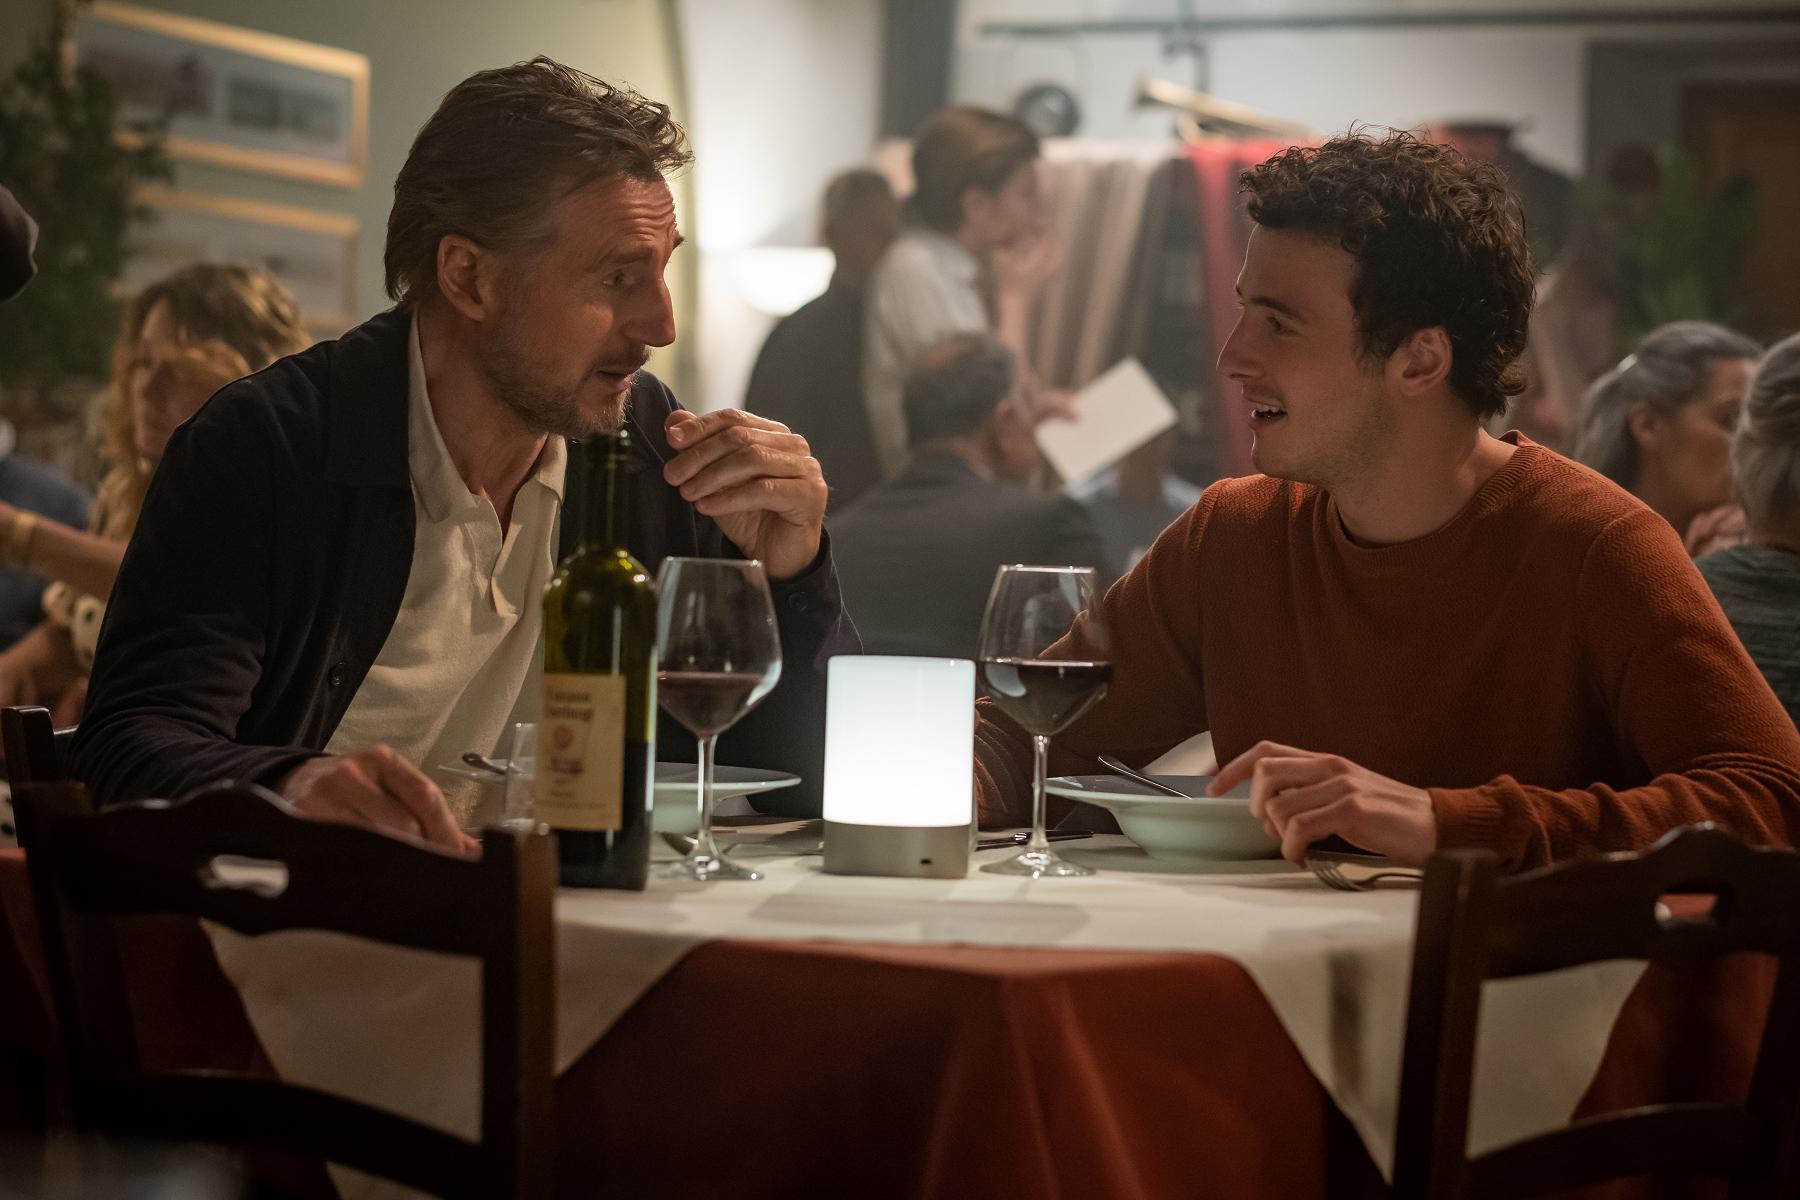 連恩尼遜(左)與麥可李察遜(右)父子檔的「本色演出」,讓導演讚譽有佳